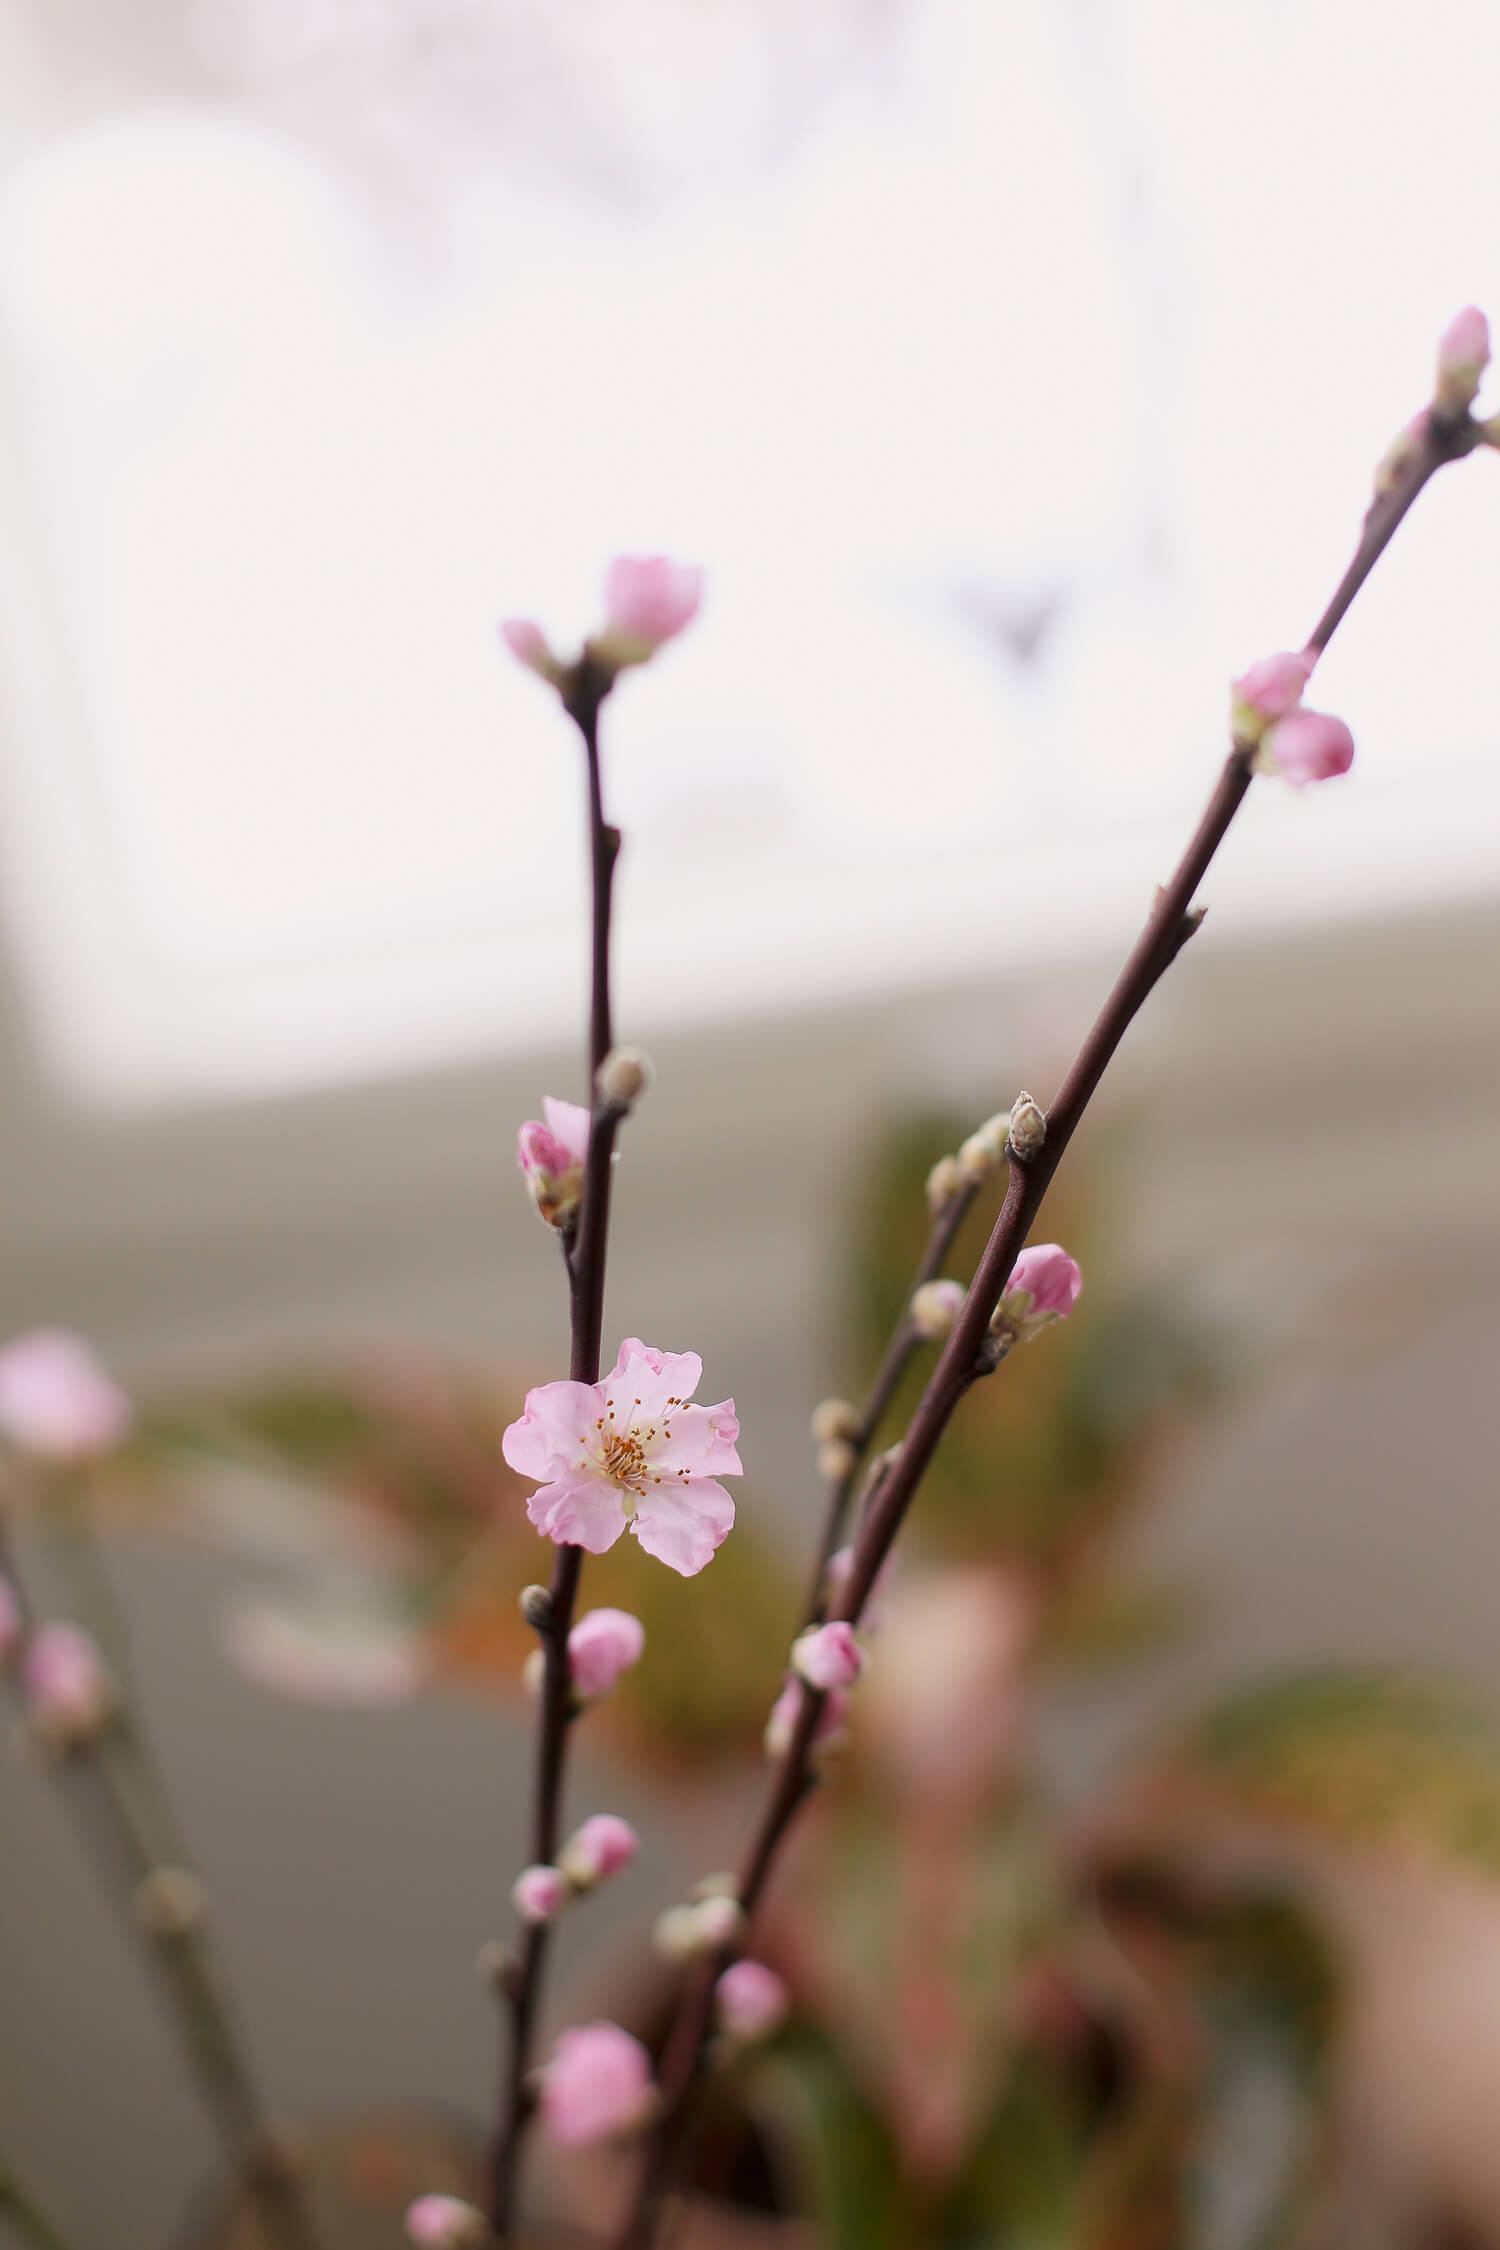 Vaaleanpunainen kirsikanoksa on keväinen kukkiva oksa jonka voi laittaa maljakkoon.